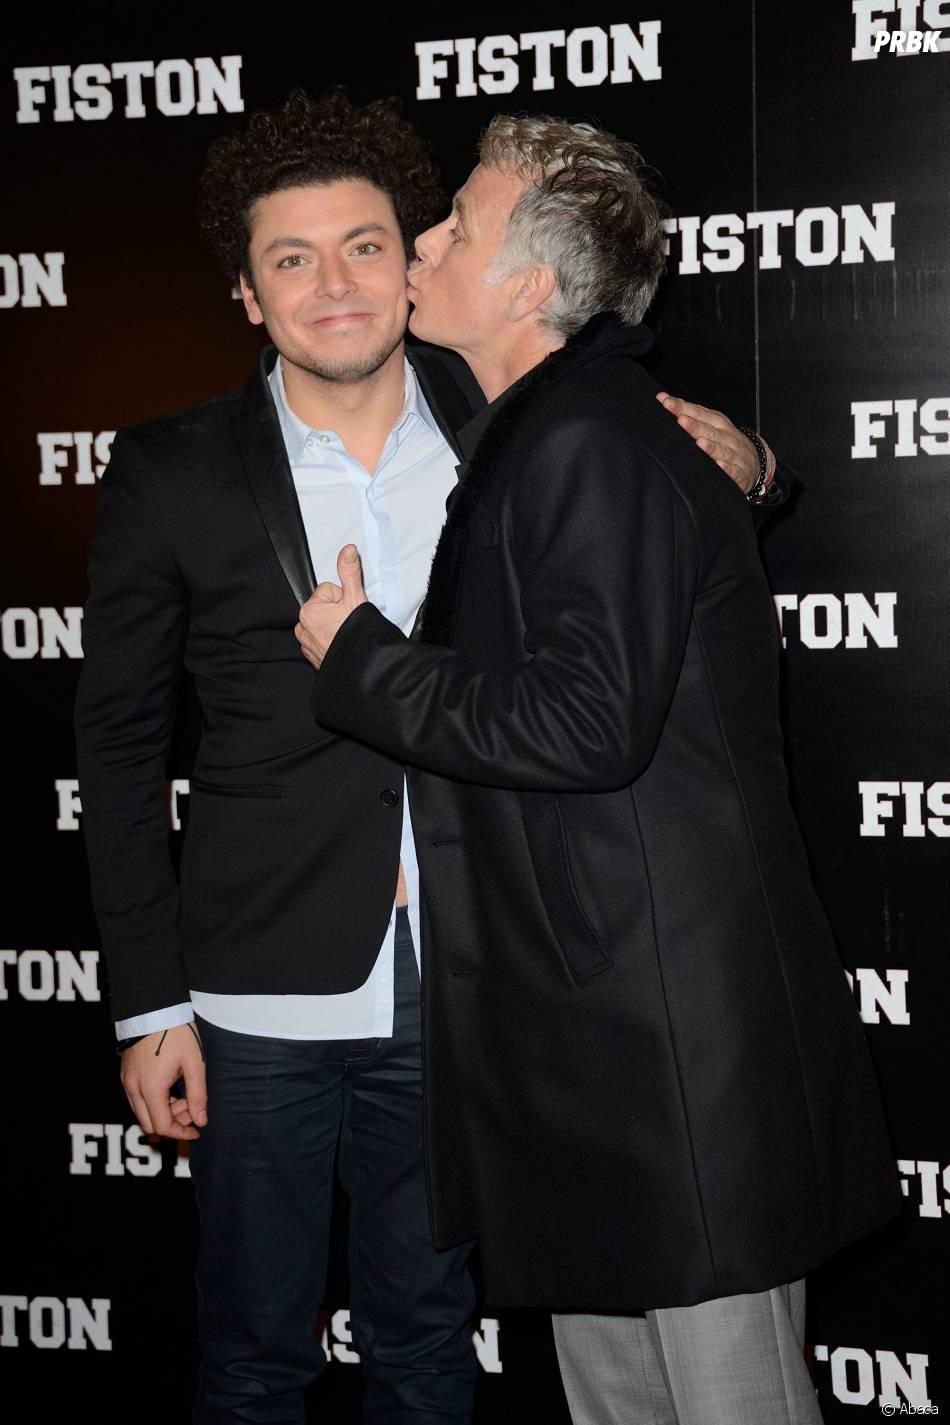 Kev Adams et Franck Dubosc, complices pour l'avant-première du film Fiston à Paris, le 10 février 2014